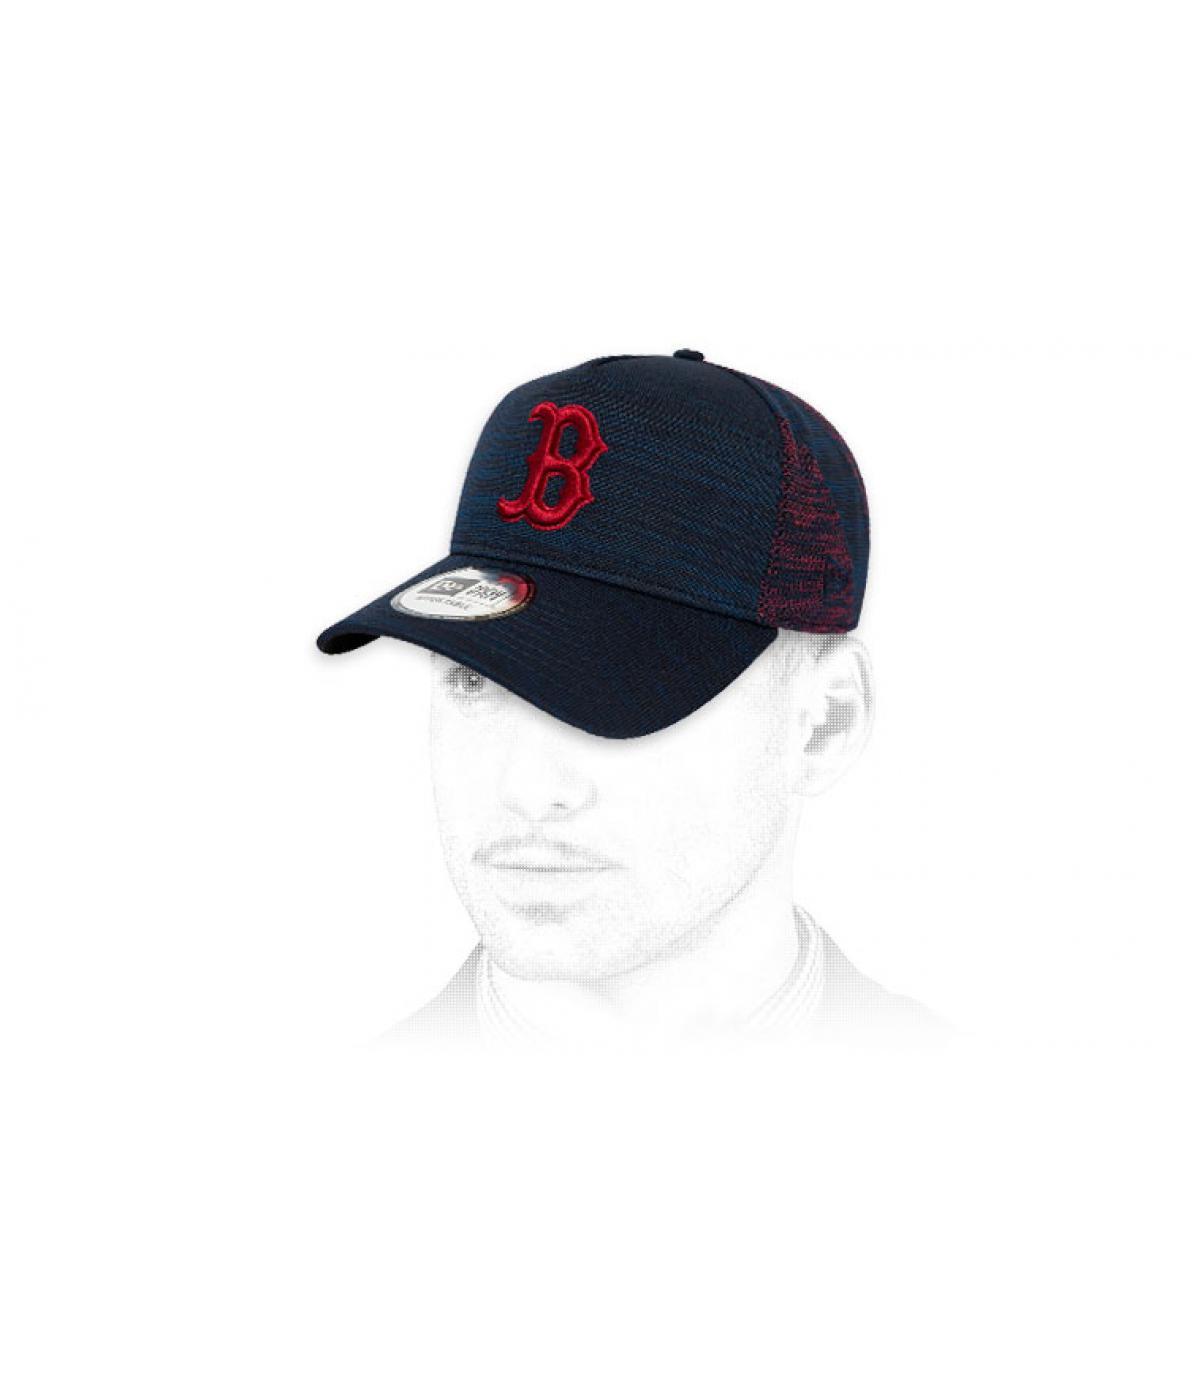 cappuccio B blu rosso